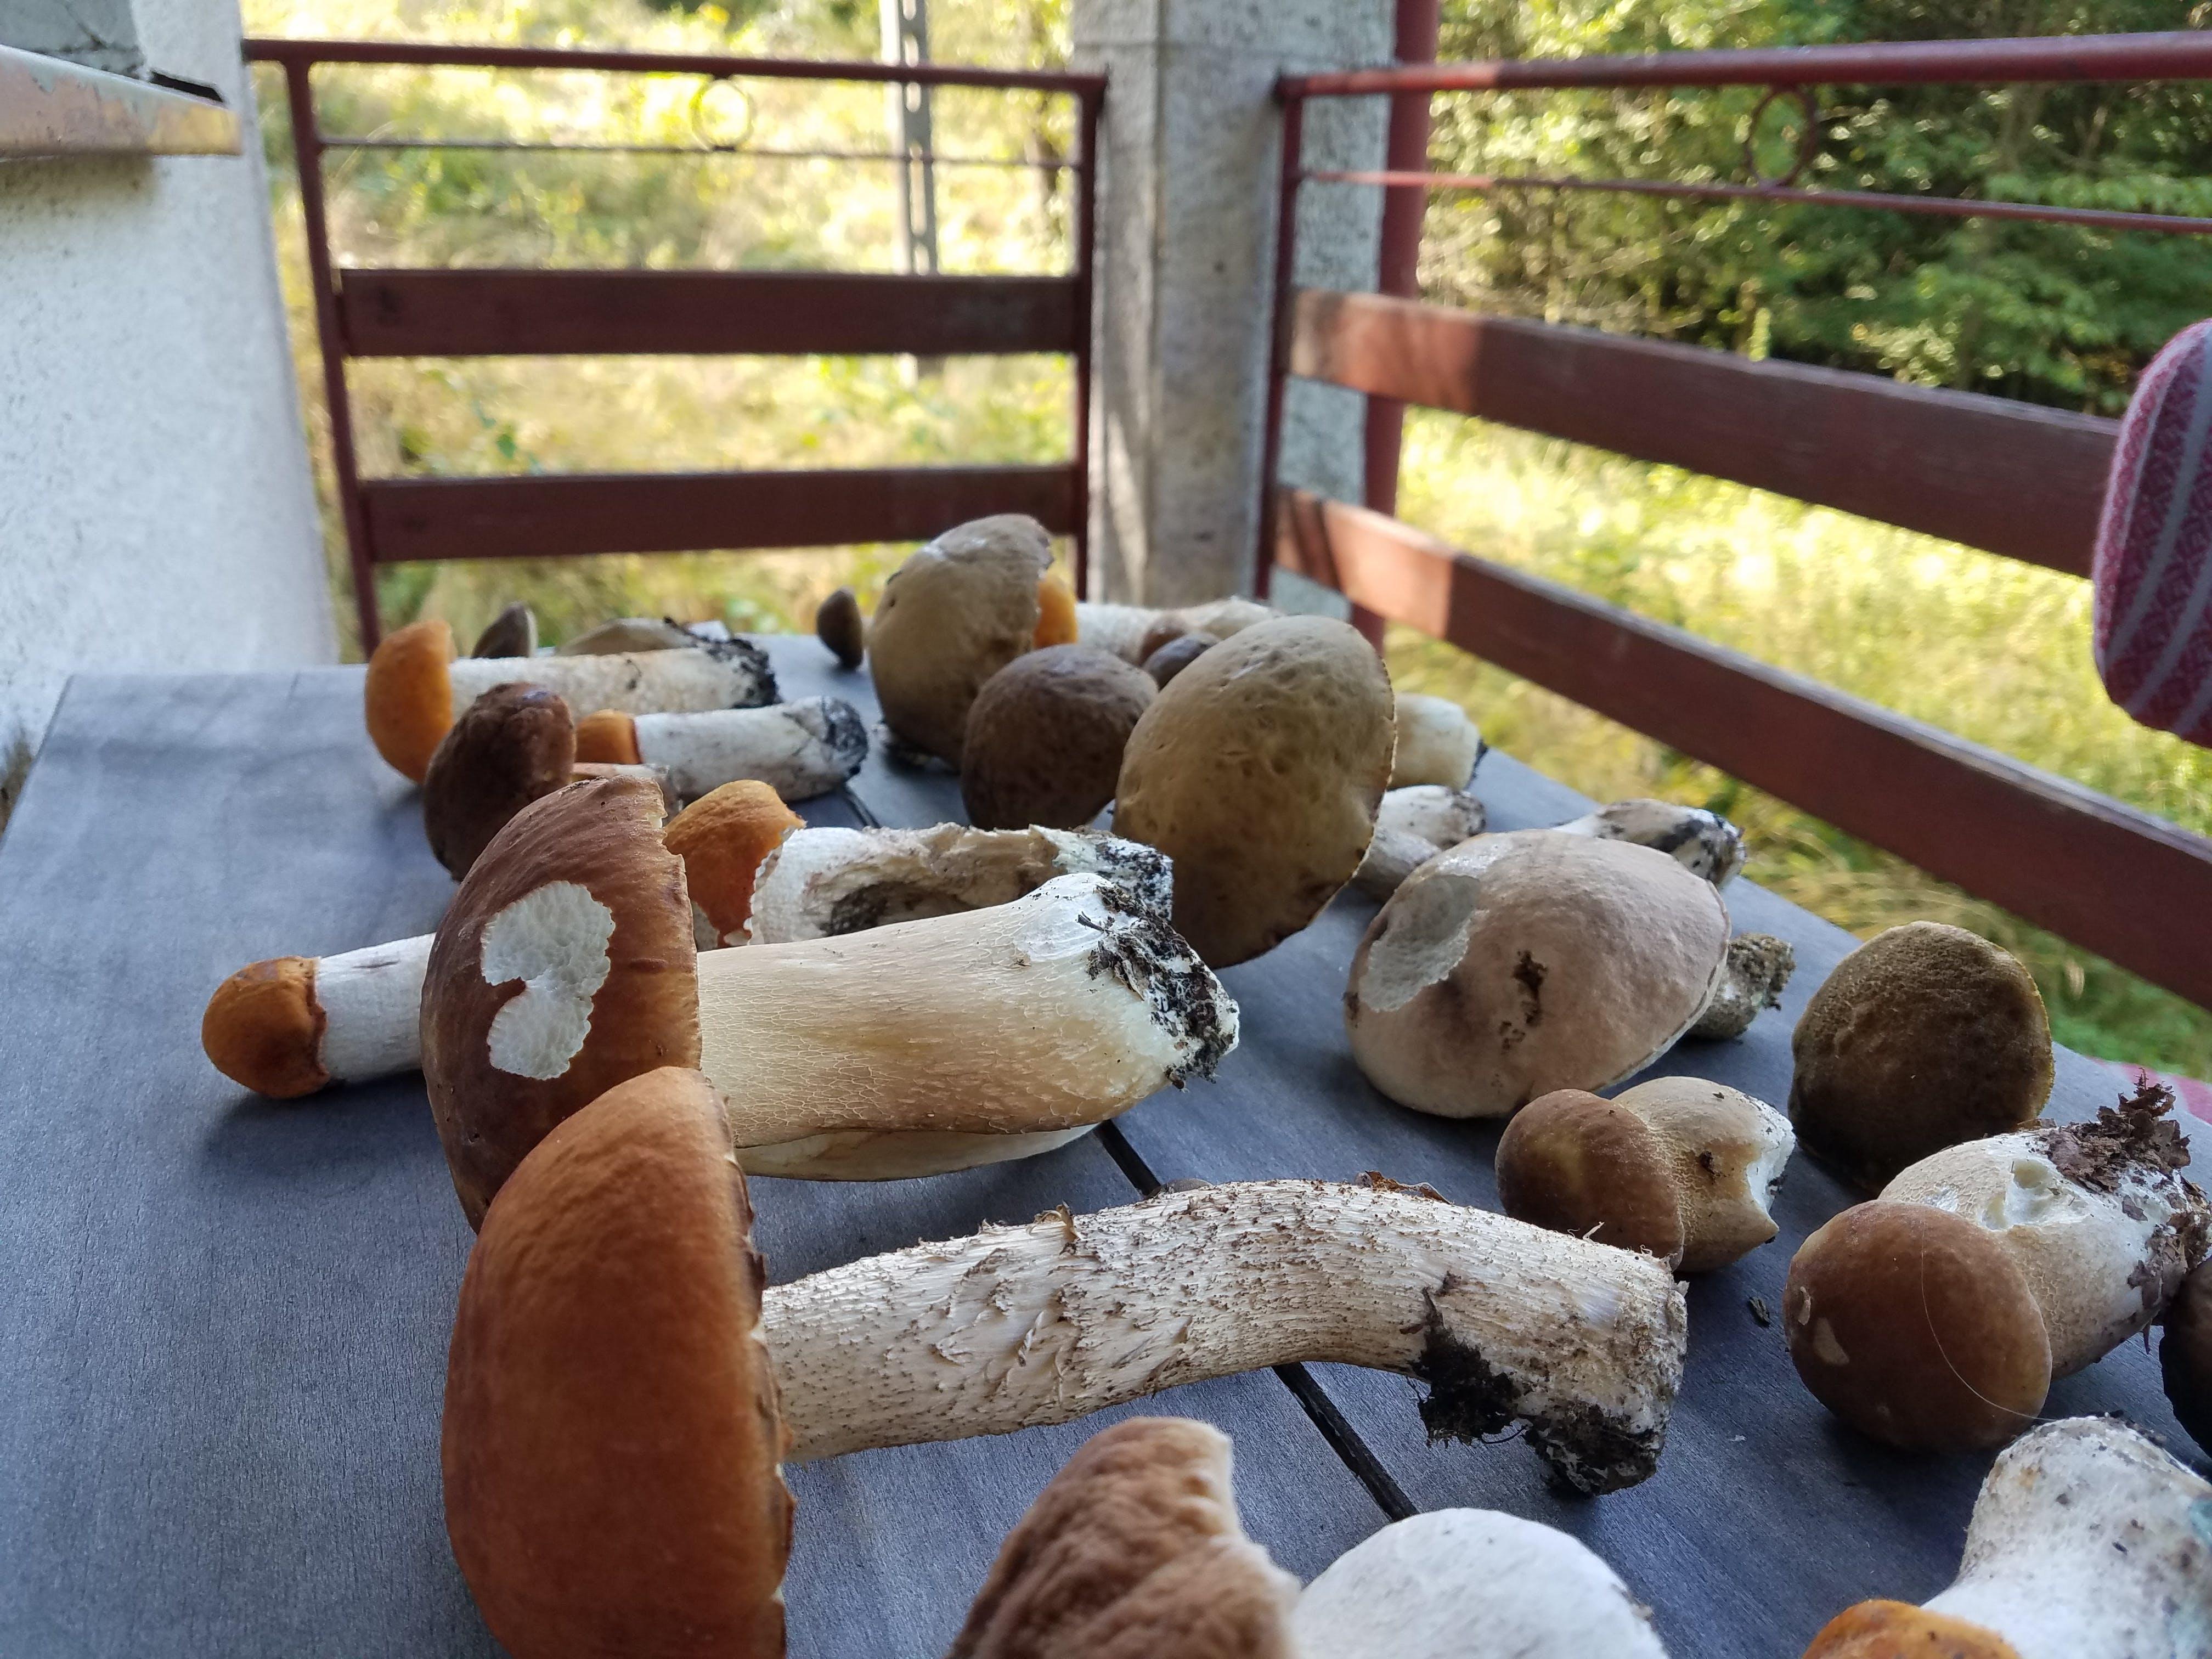 czerwone i brązowe kozaki grzyby zbiór